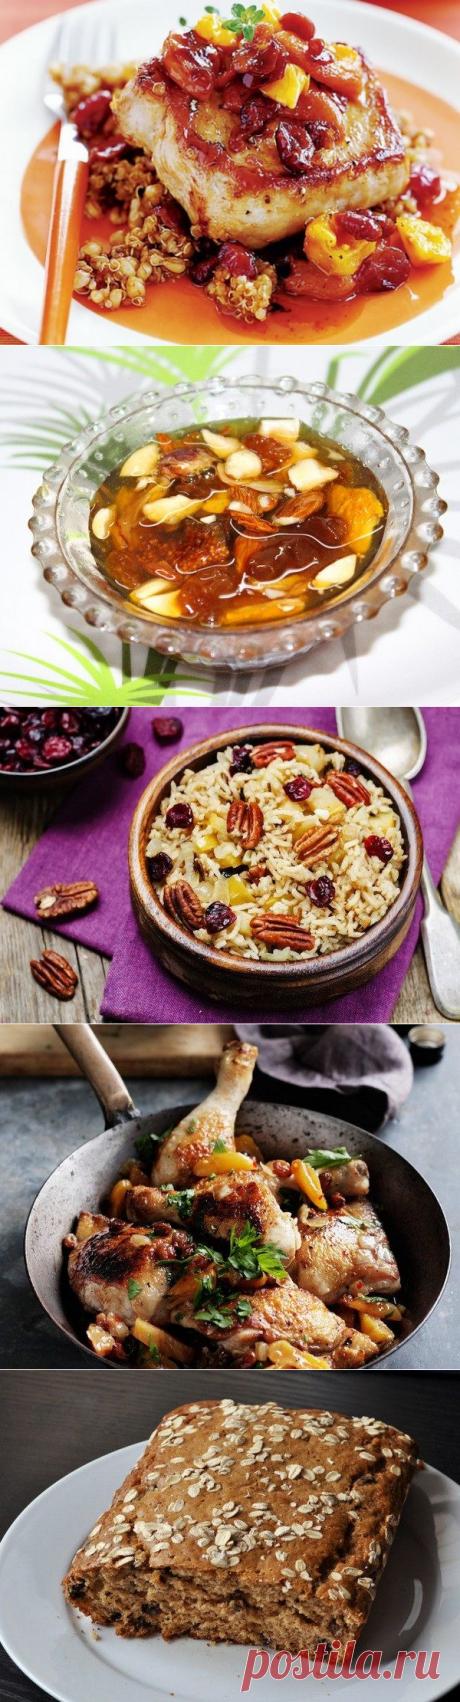 5 platos de las frutas secas